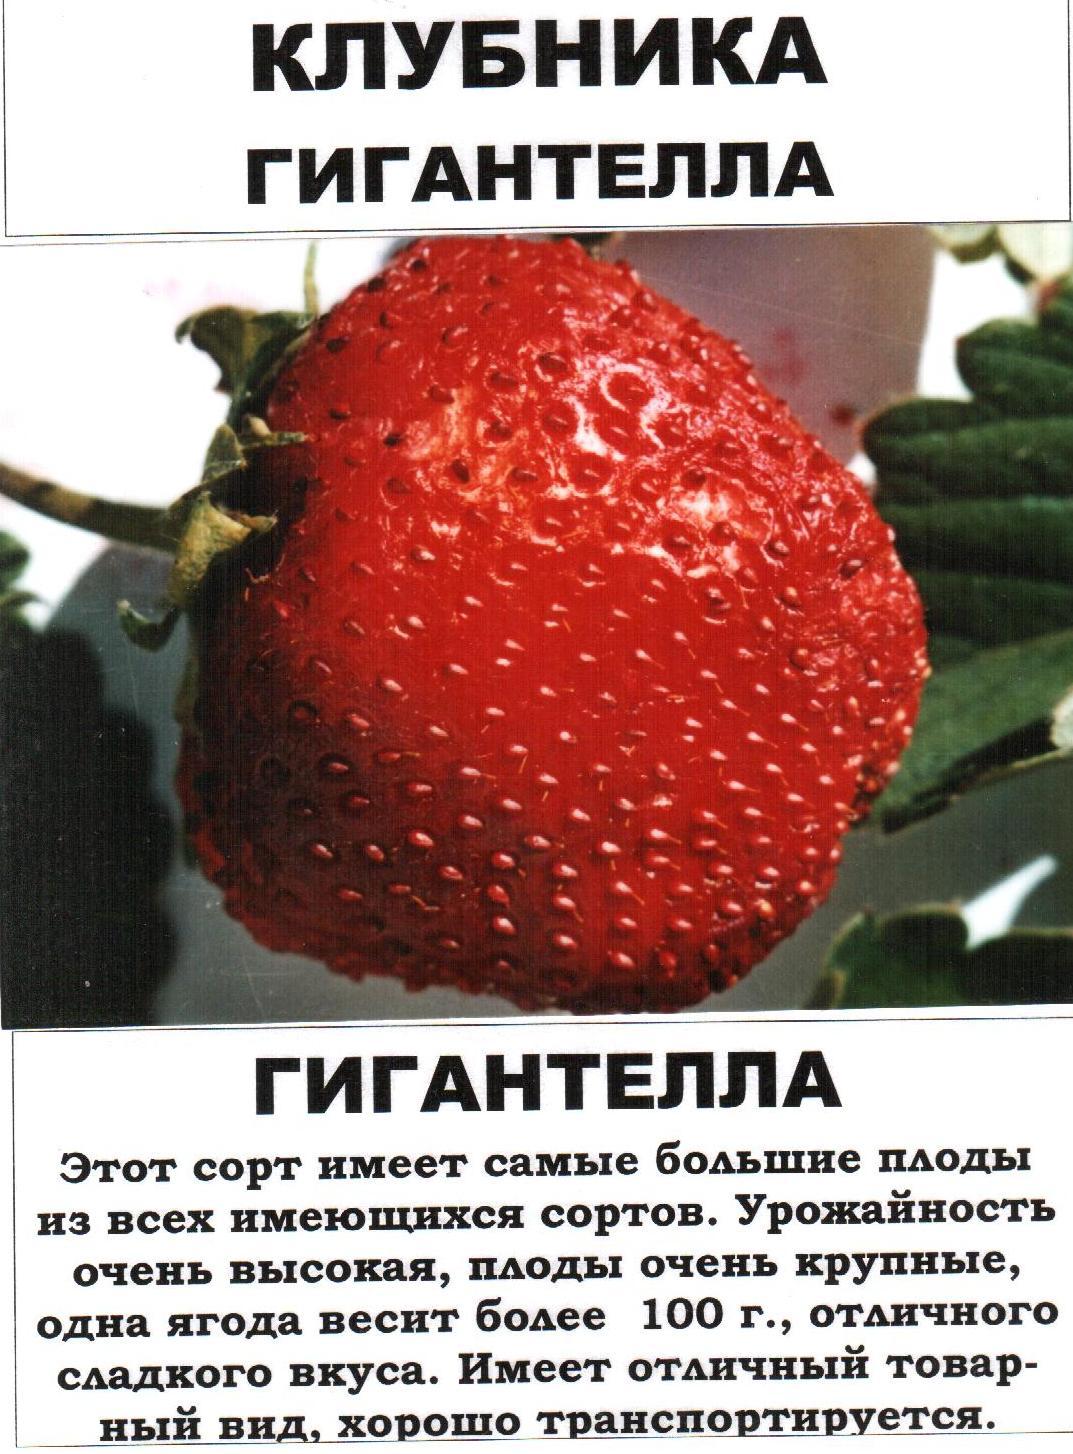 Клубника гигантелла, гигантский деликатес, гигант джорнея - описание сортов и отзывы садоводов